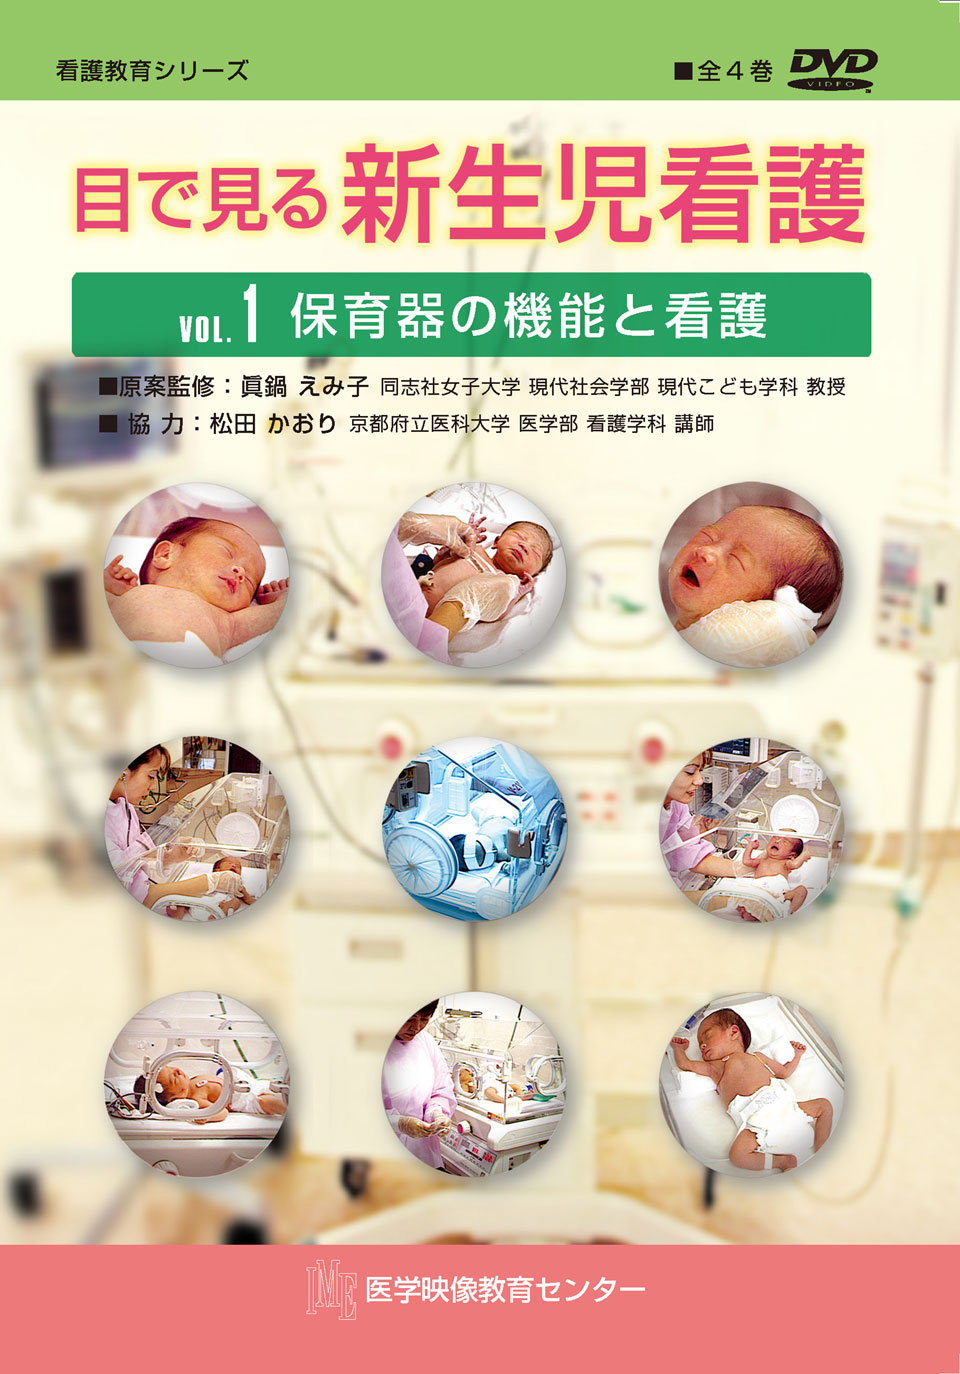 新生児 バイタル サイン 測定